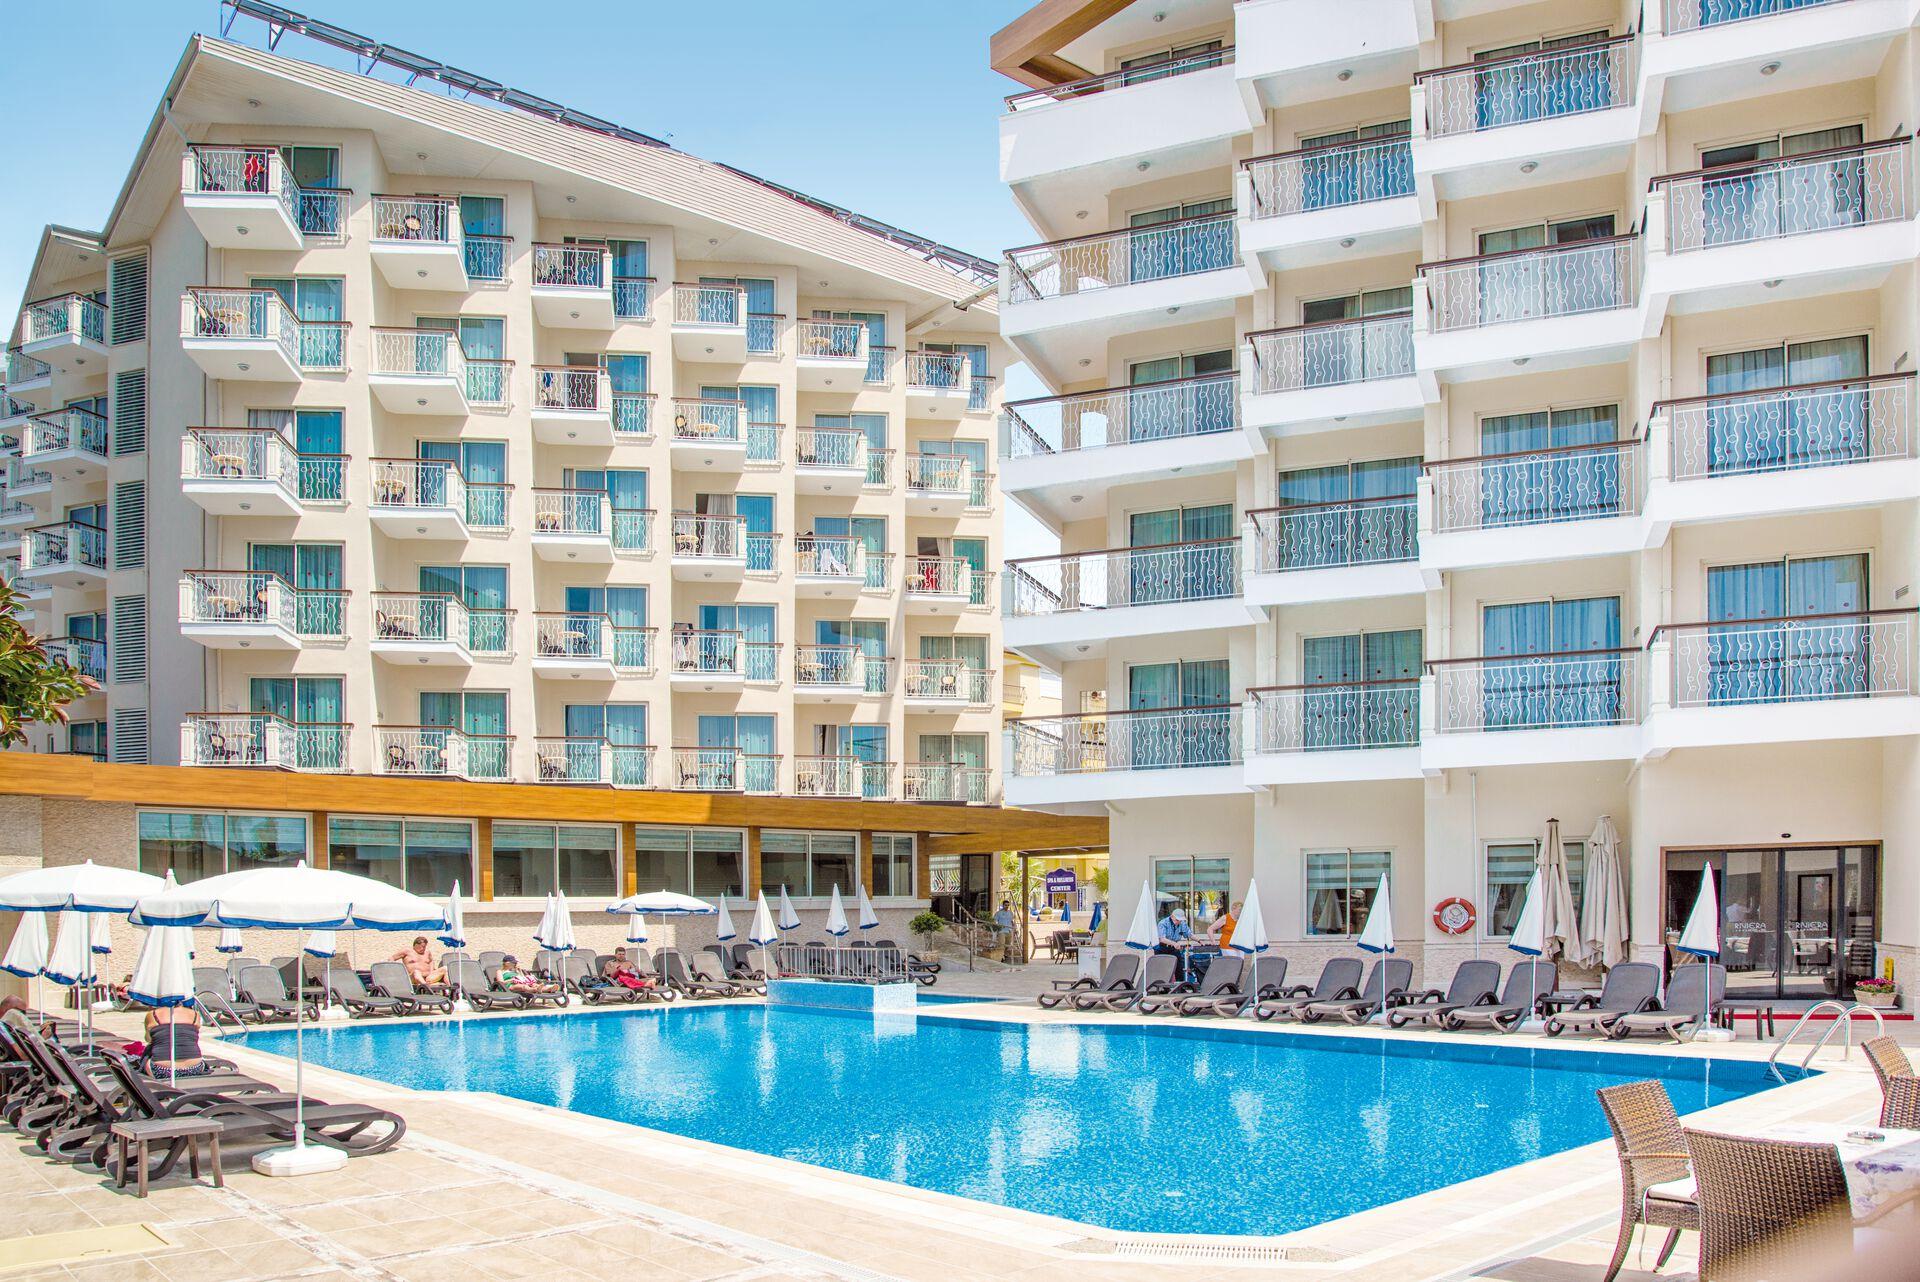 Riviera Hotel & Spa - 4*